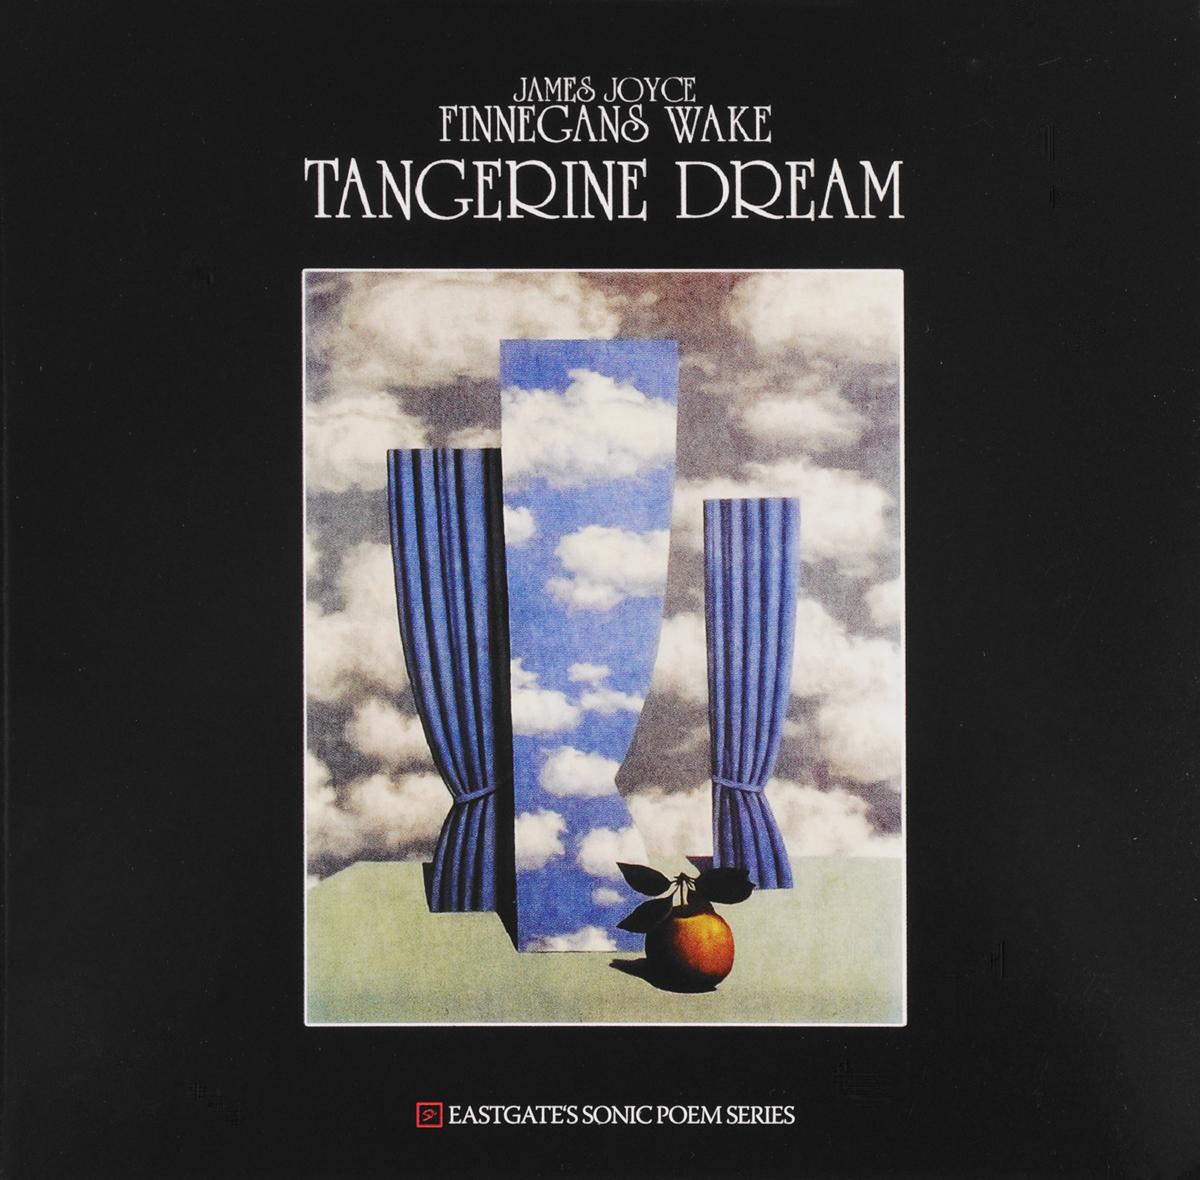 Tangerine Dream Tangerine Dream. Finnegans Wake joyce james finnegans wake